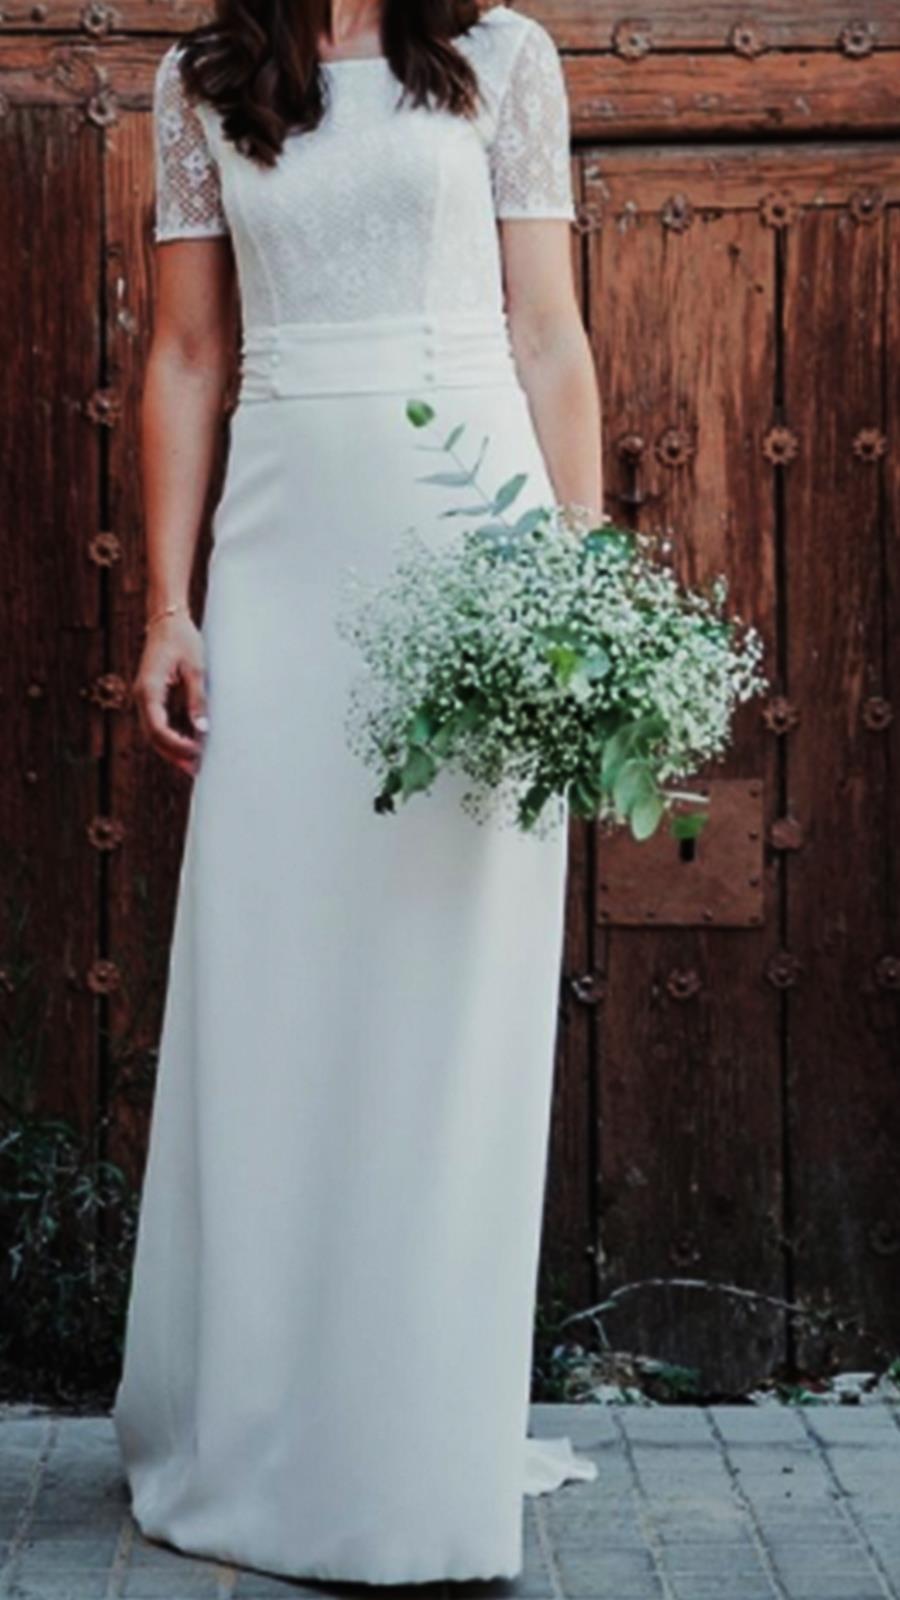 ce160b5c2 Vestido de novia de segunda mano de Celebratubnoda.com 1.200 euros. Los  vestidos de